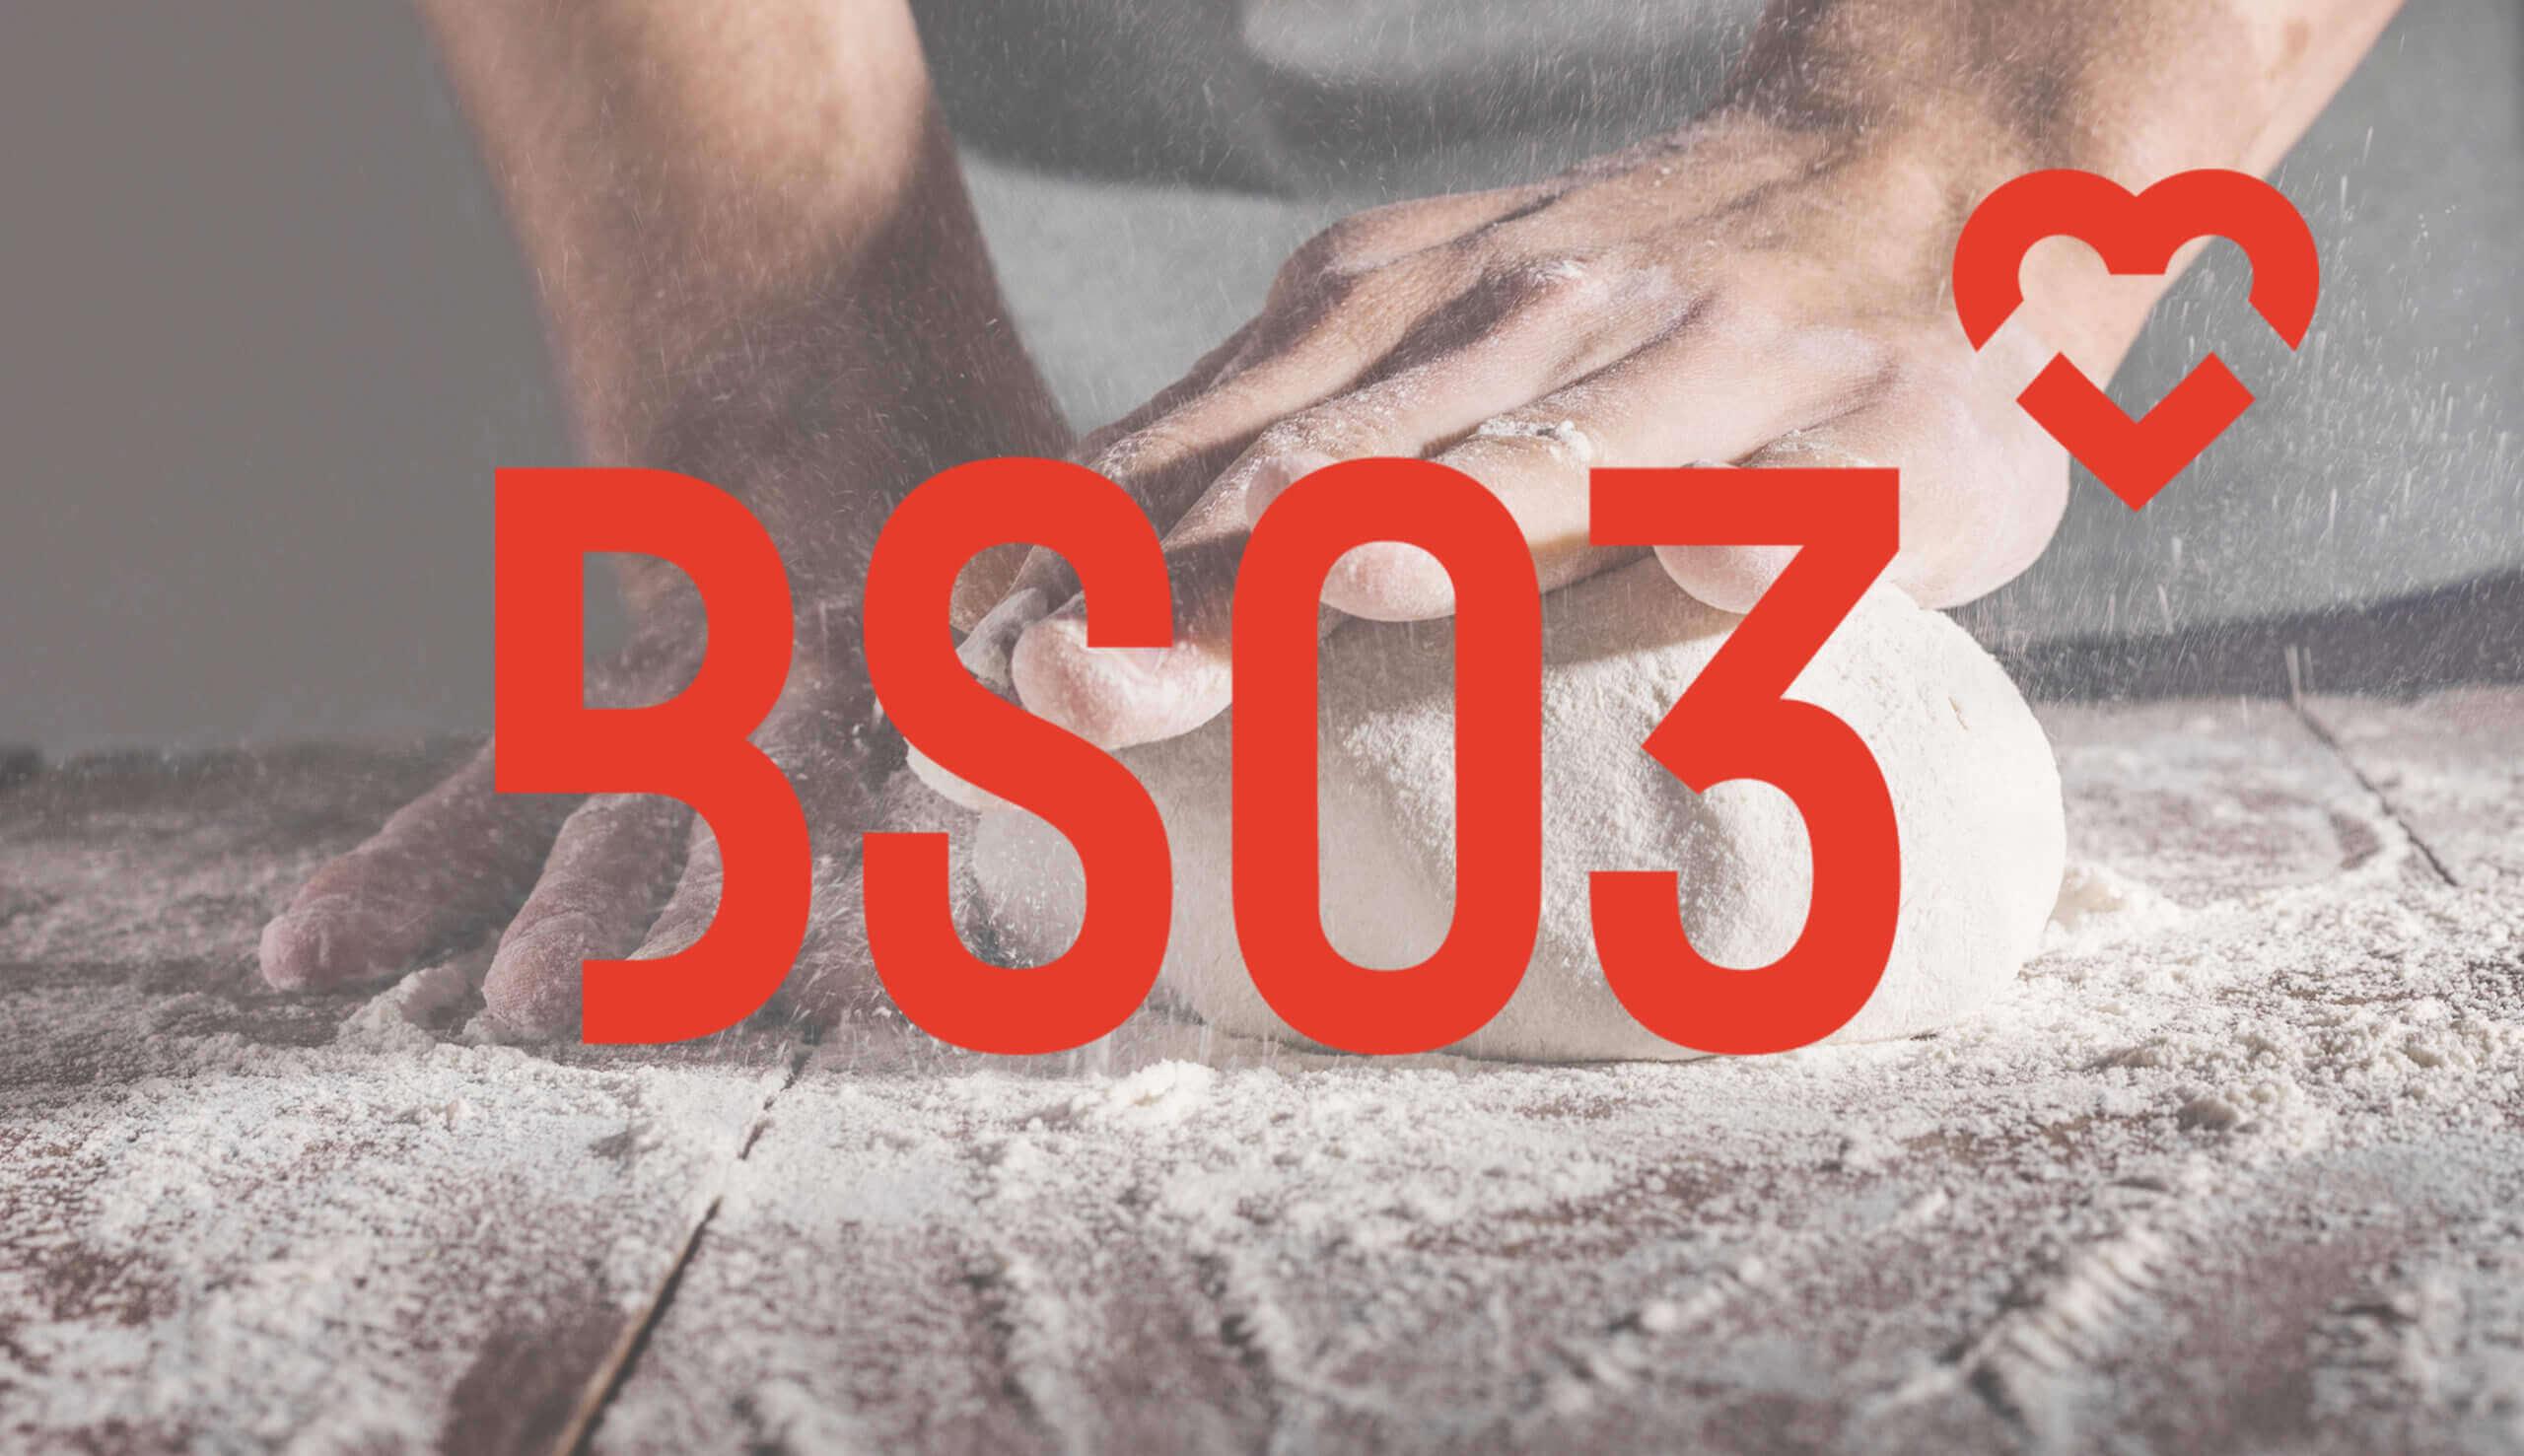 BS03 Mood